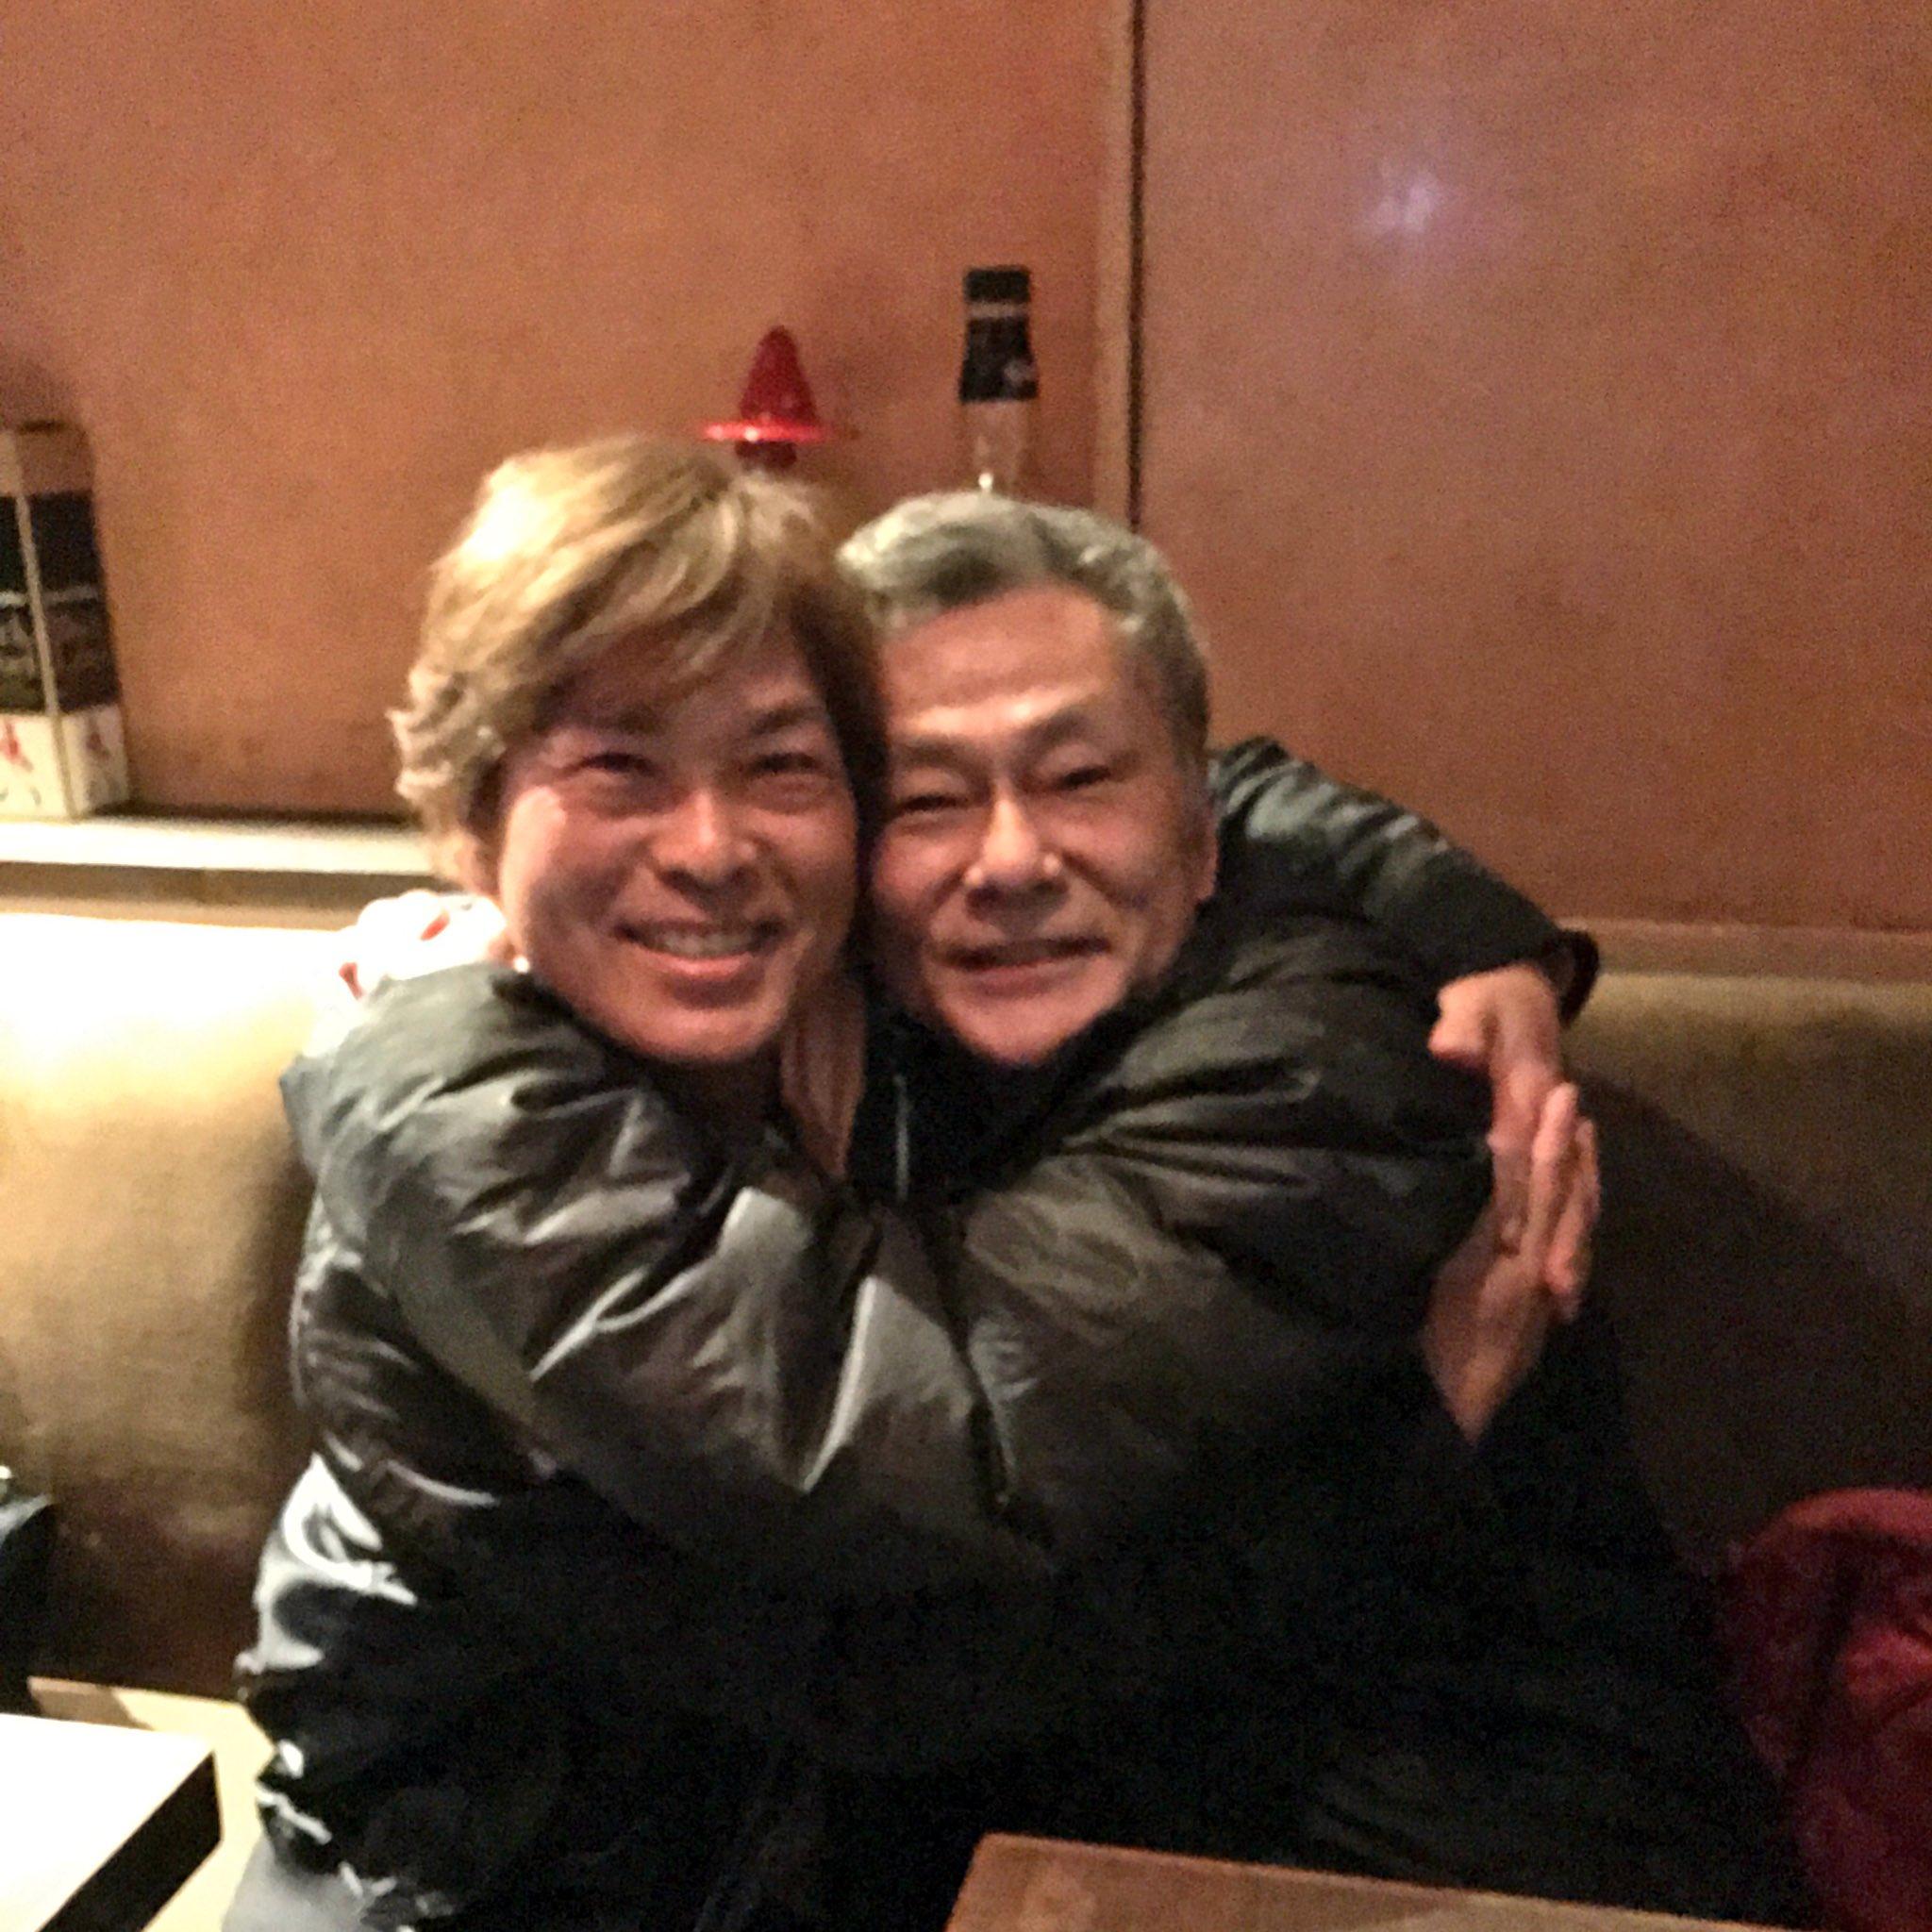 성우 후루야 토오루씨와 이케다 슈이치씨의 사진, ..